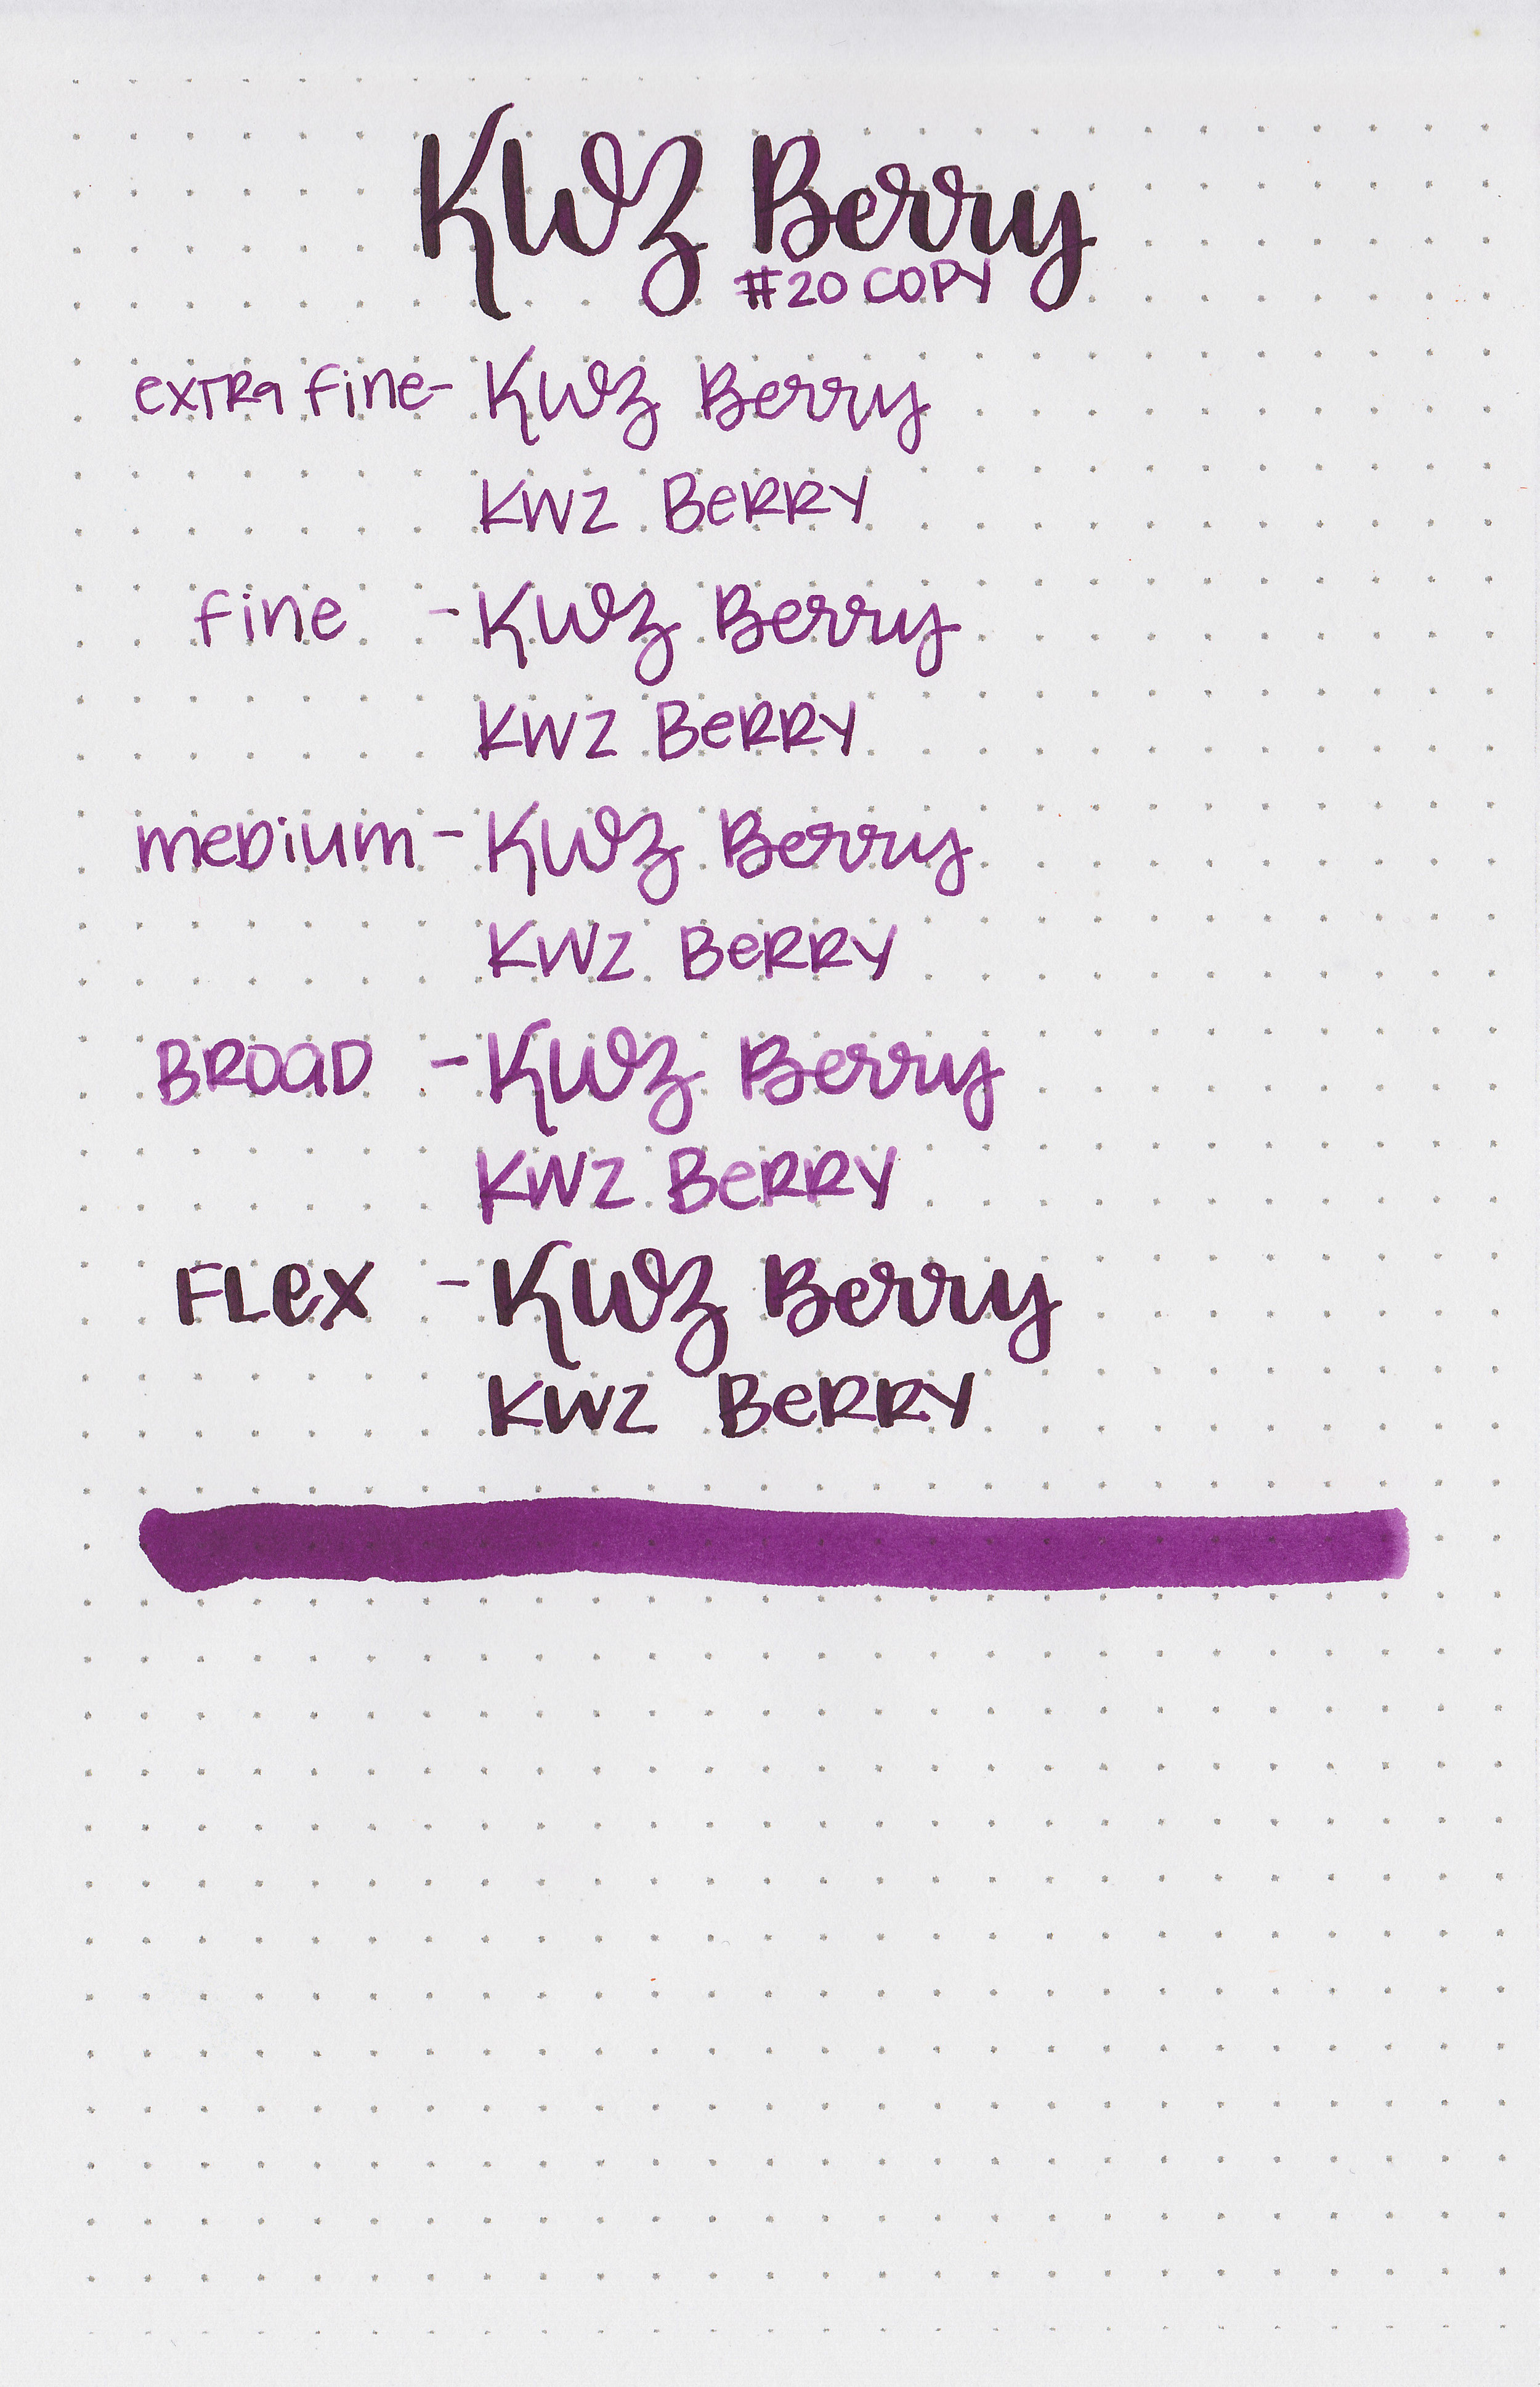 kwz-berry-9.jpg